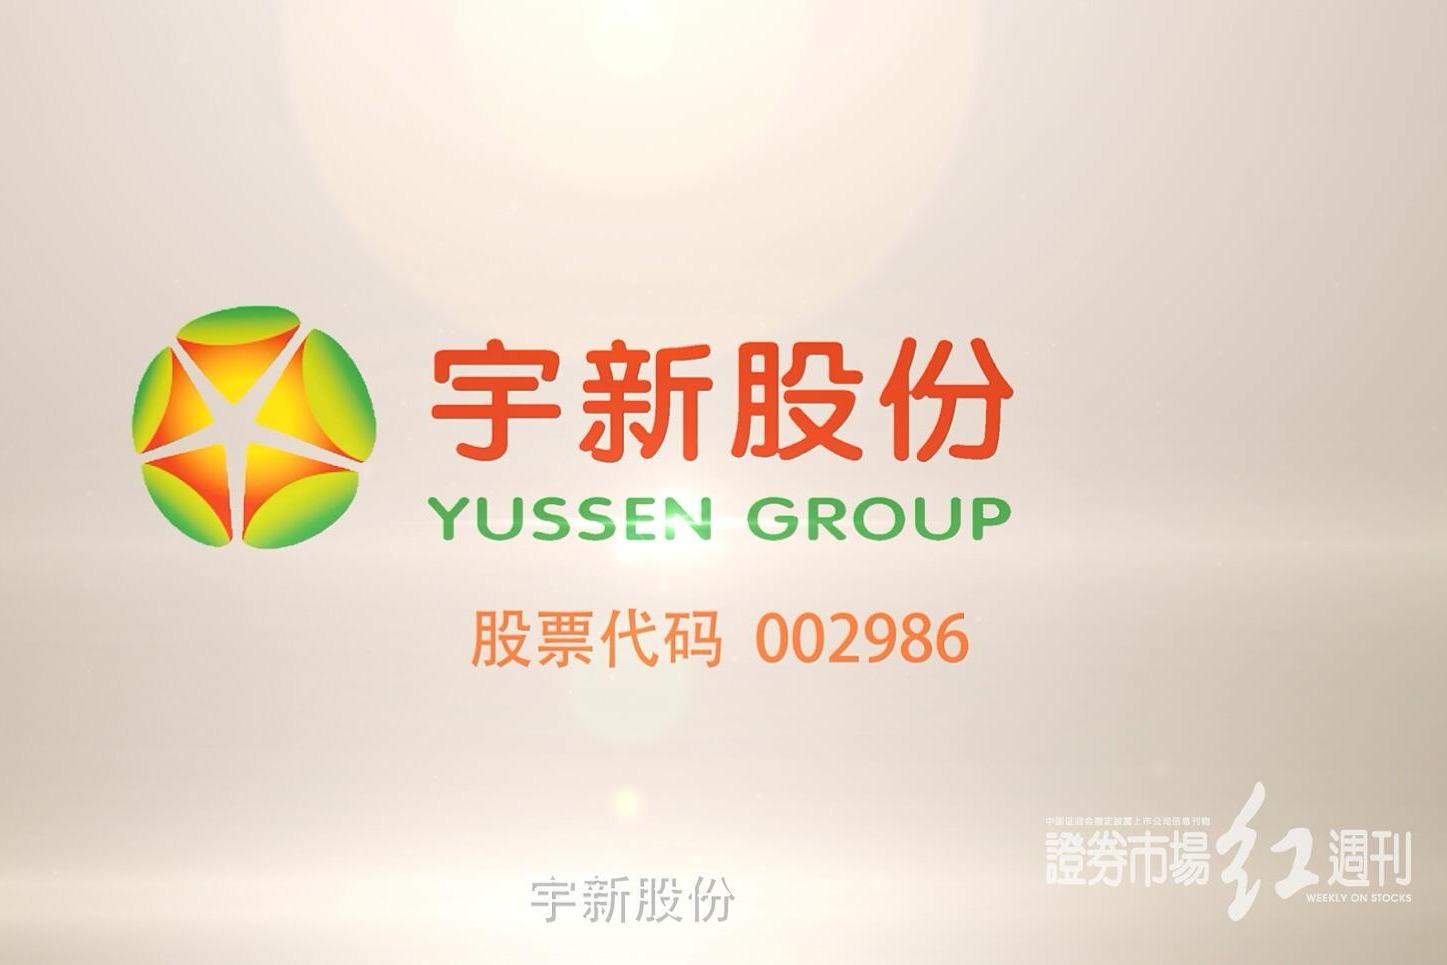 湖南宇新能源科技股份有限公司——IPO企业上市宣传片